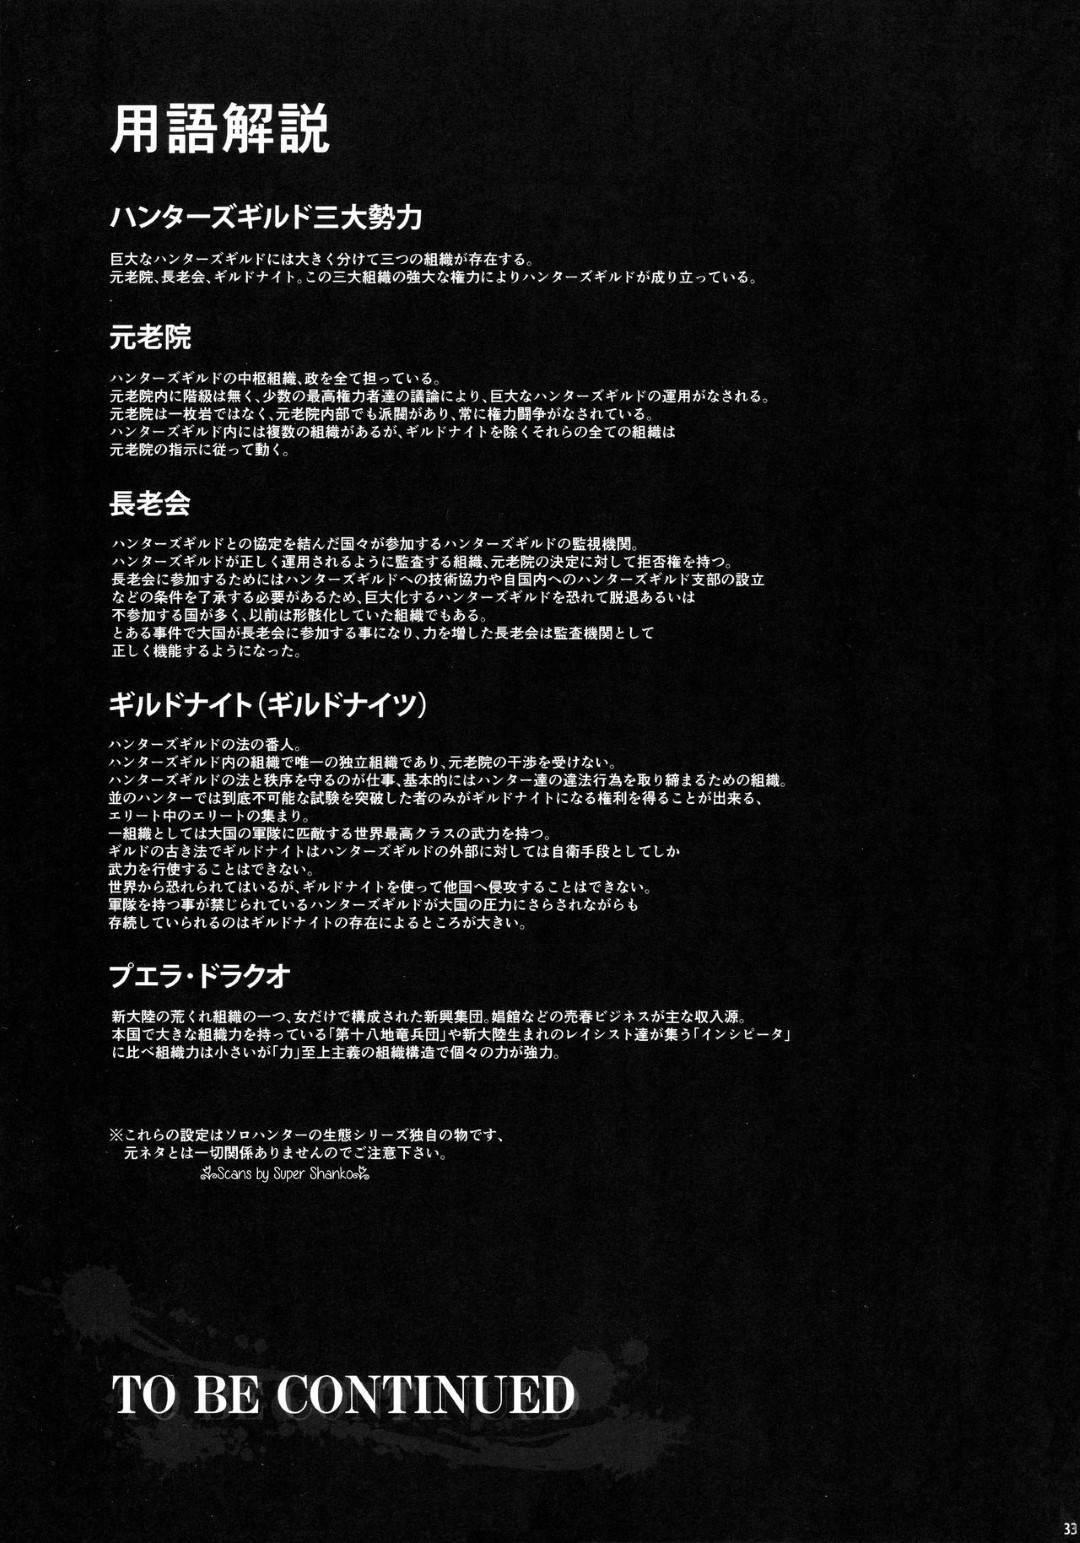 【エロ同人誌】男達を凌辱して次々と殺していく美女ハンターたち…死の直前に射精をさせそれぞれのやり方で罵りながら絶頂!【Yokohama Junky (魔狩十織):ソロハンターの生態WORLD6/モンスターハンター】